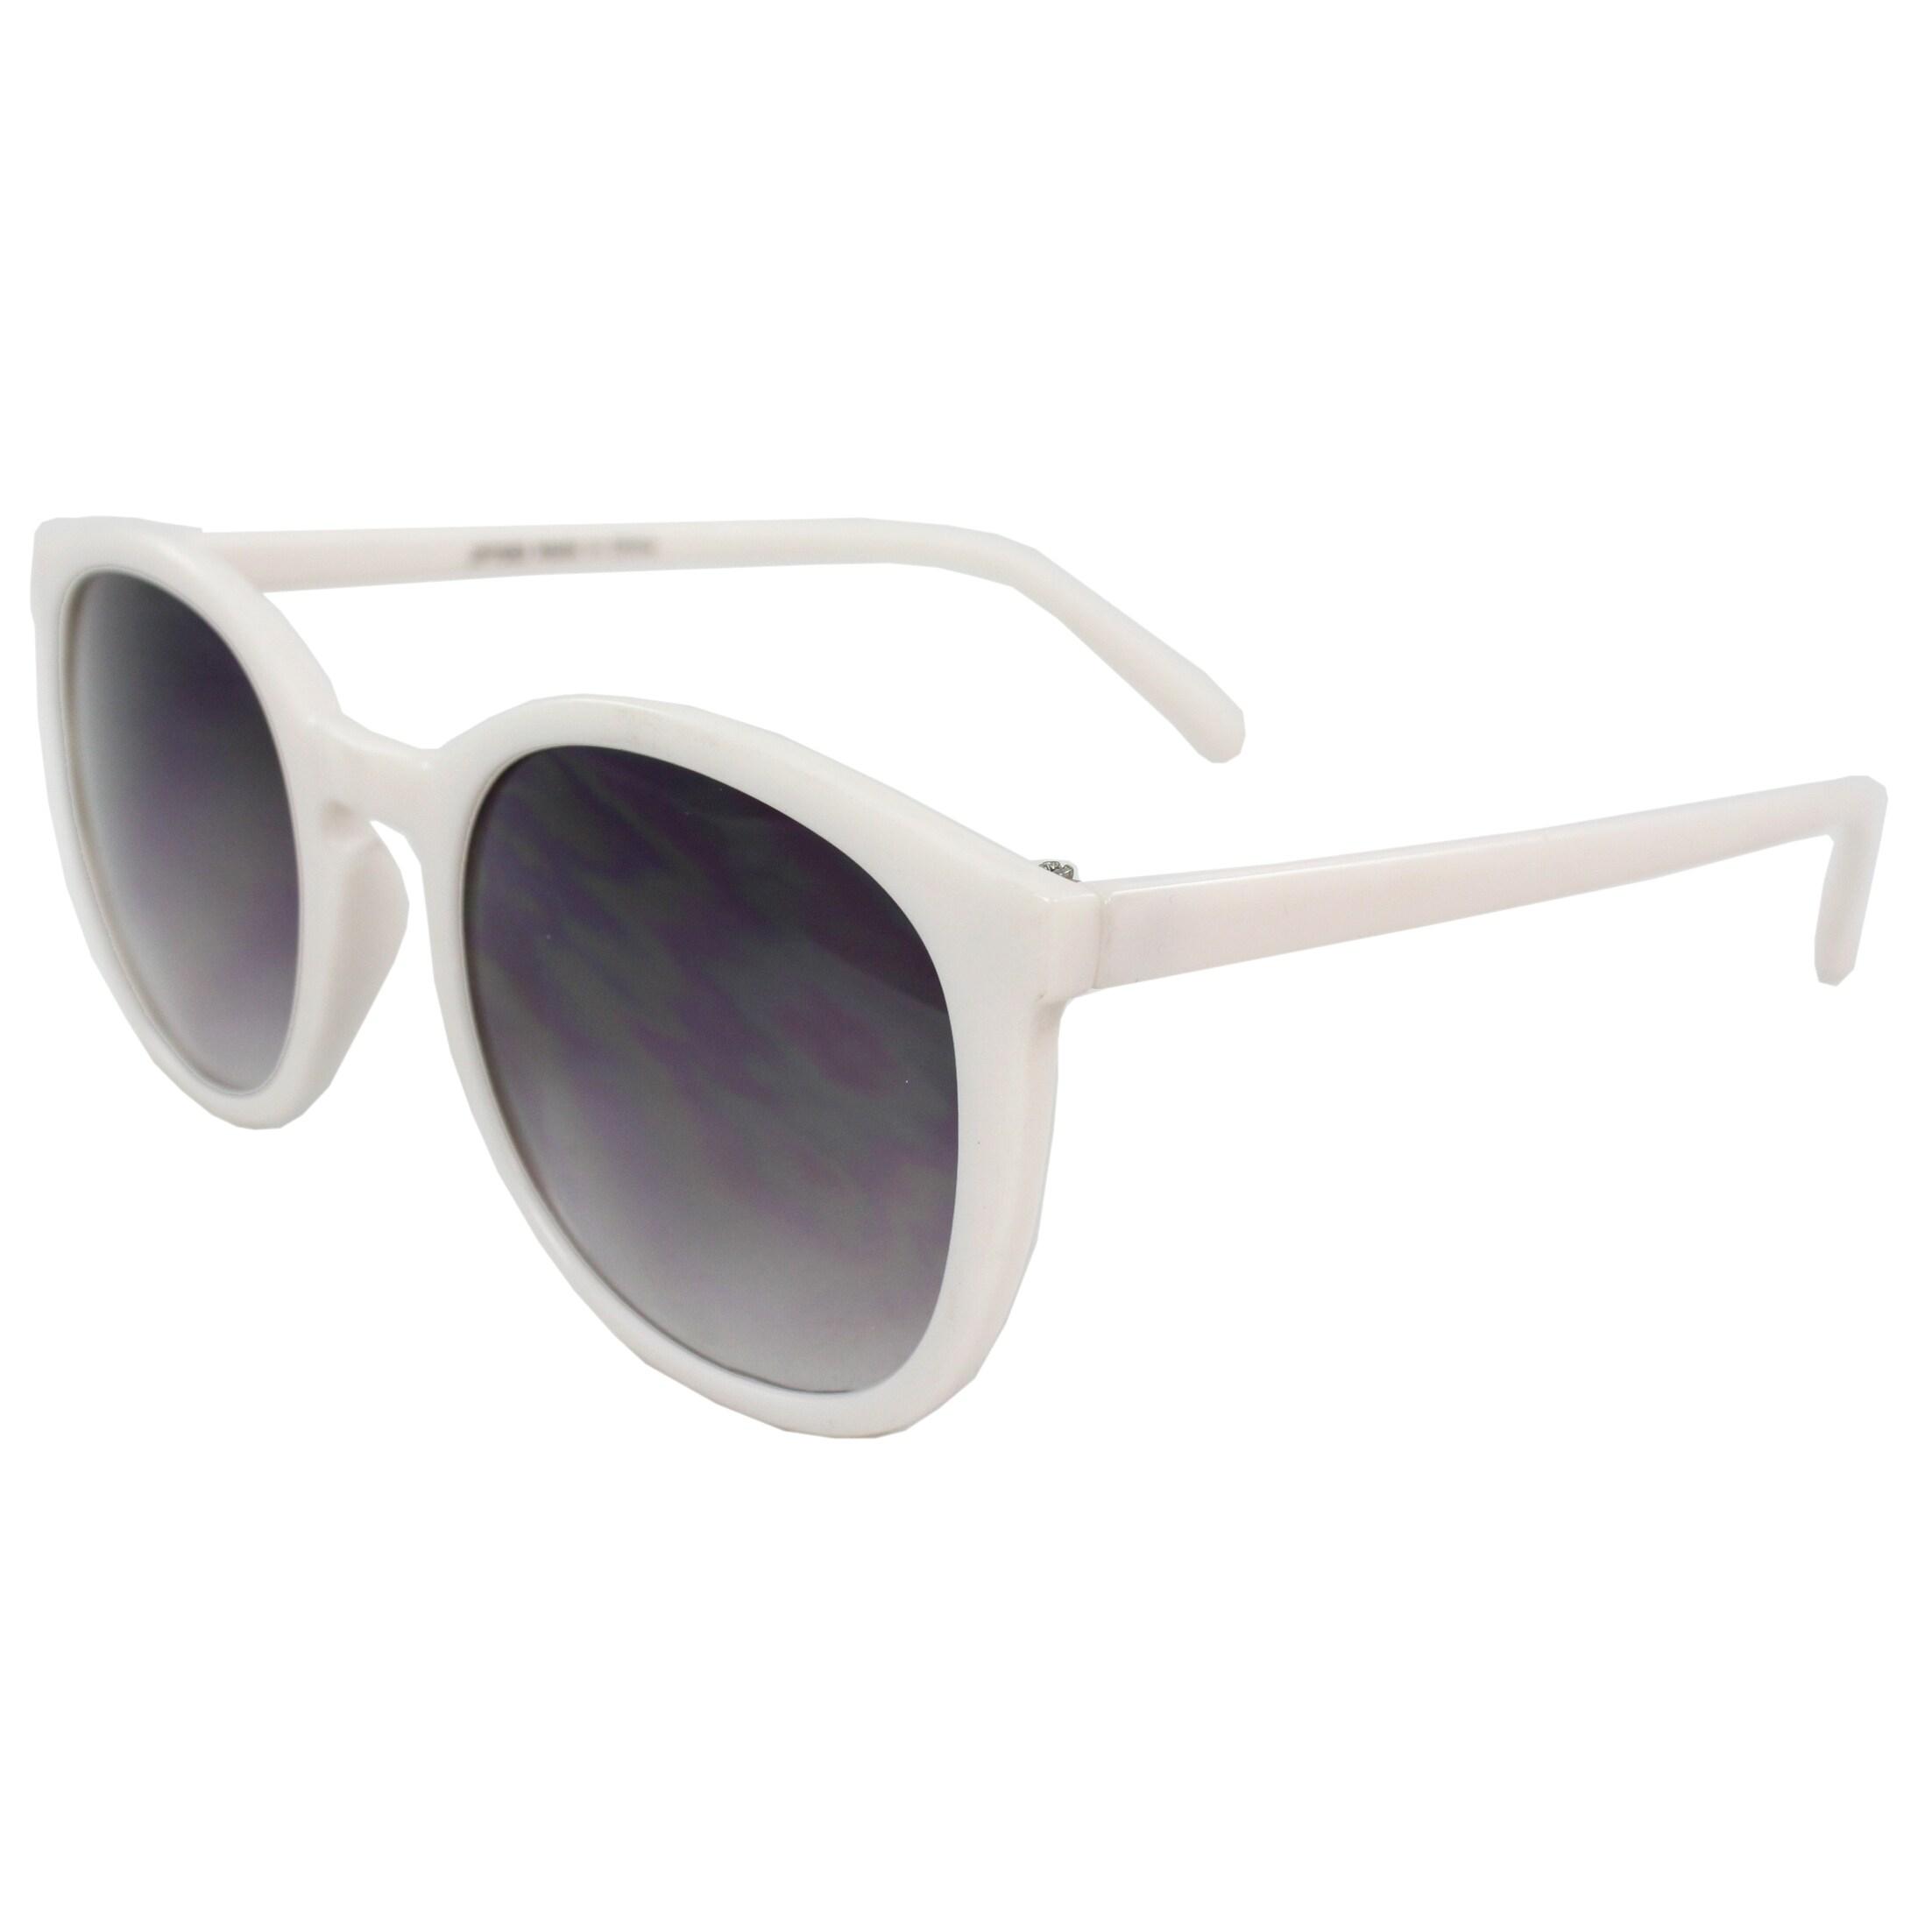 Women's White Oval Fashion Sunglasses